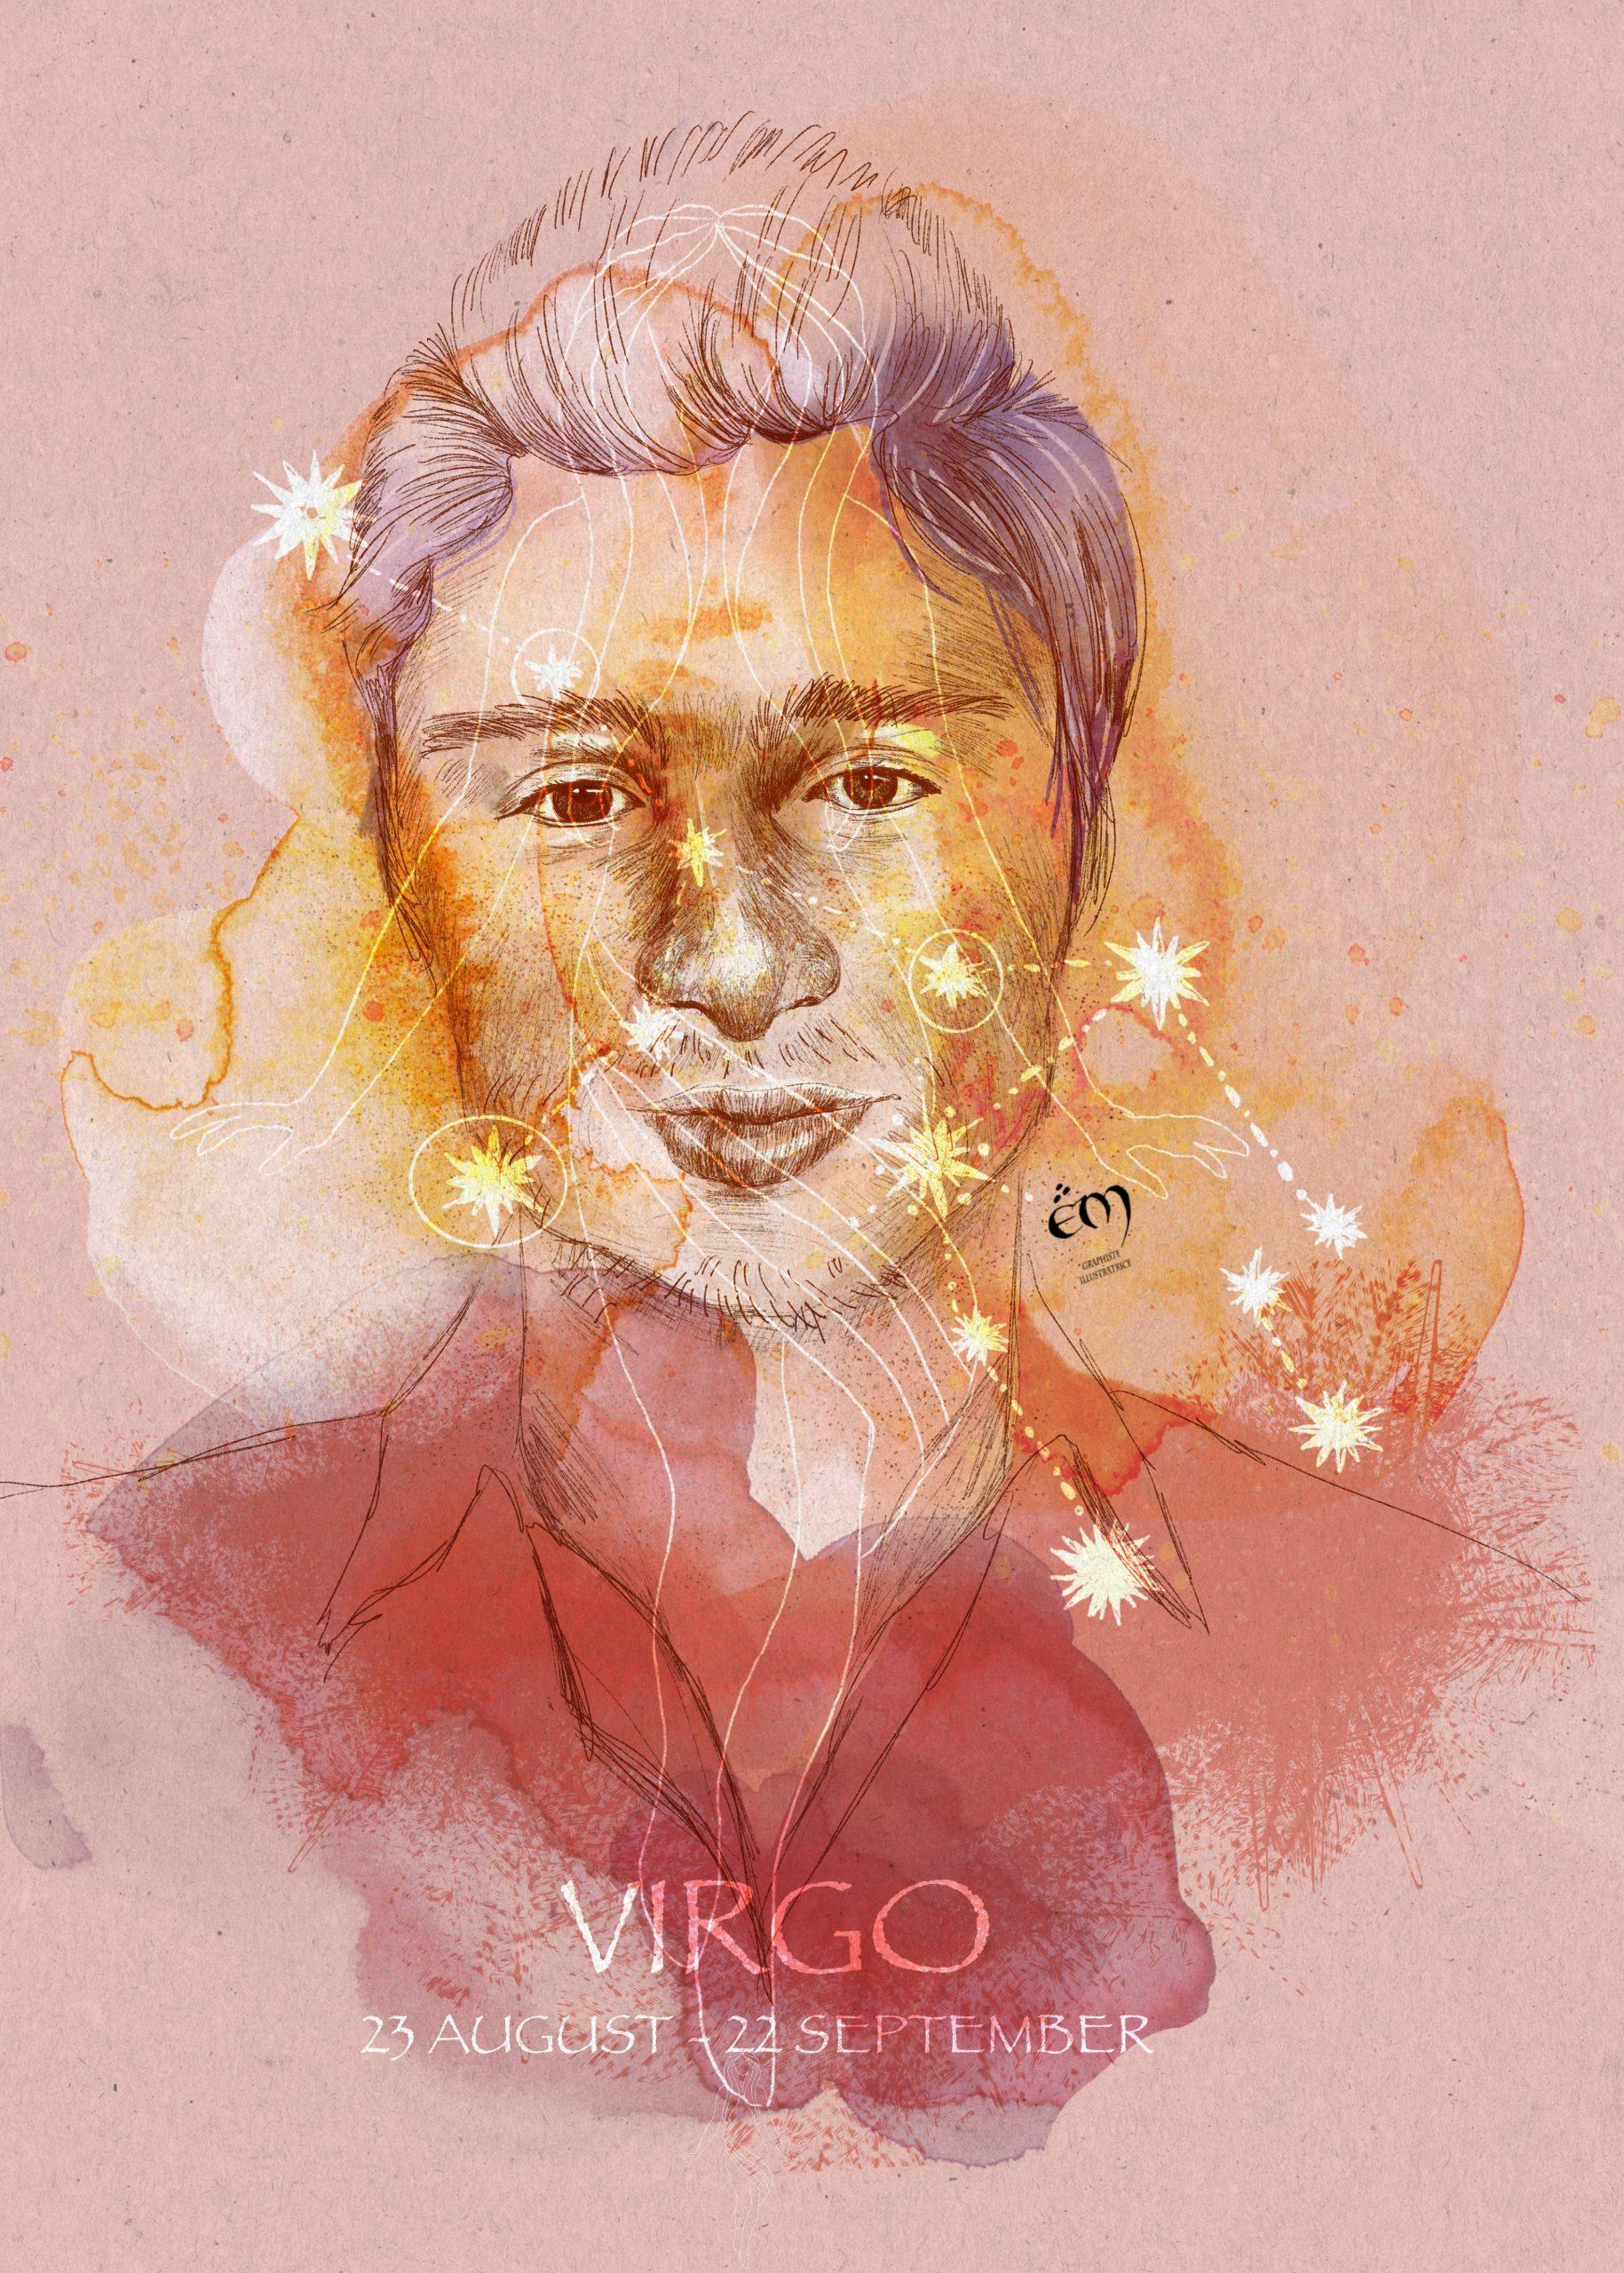 PORTRAIT / VIRGO A collection de portraits sur le thème de l'astrologie.